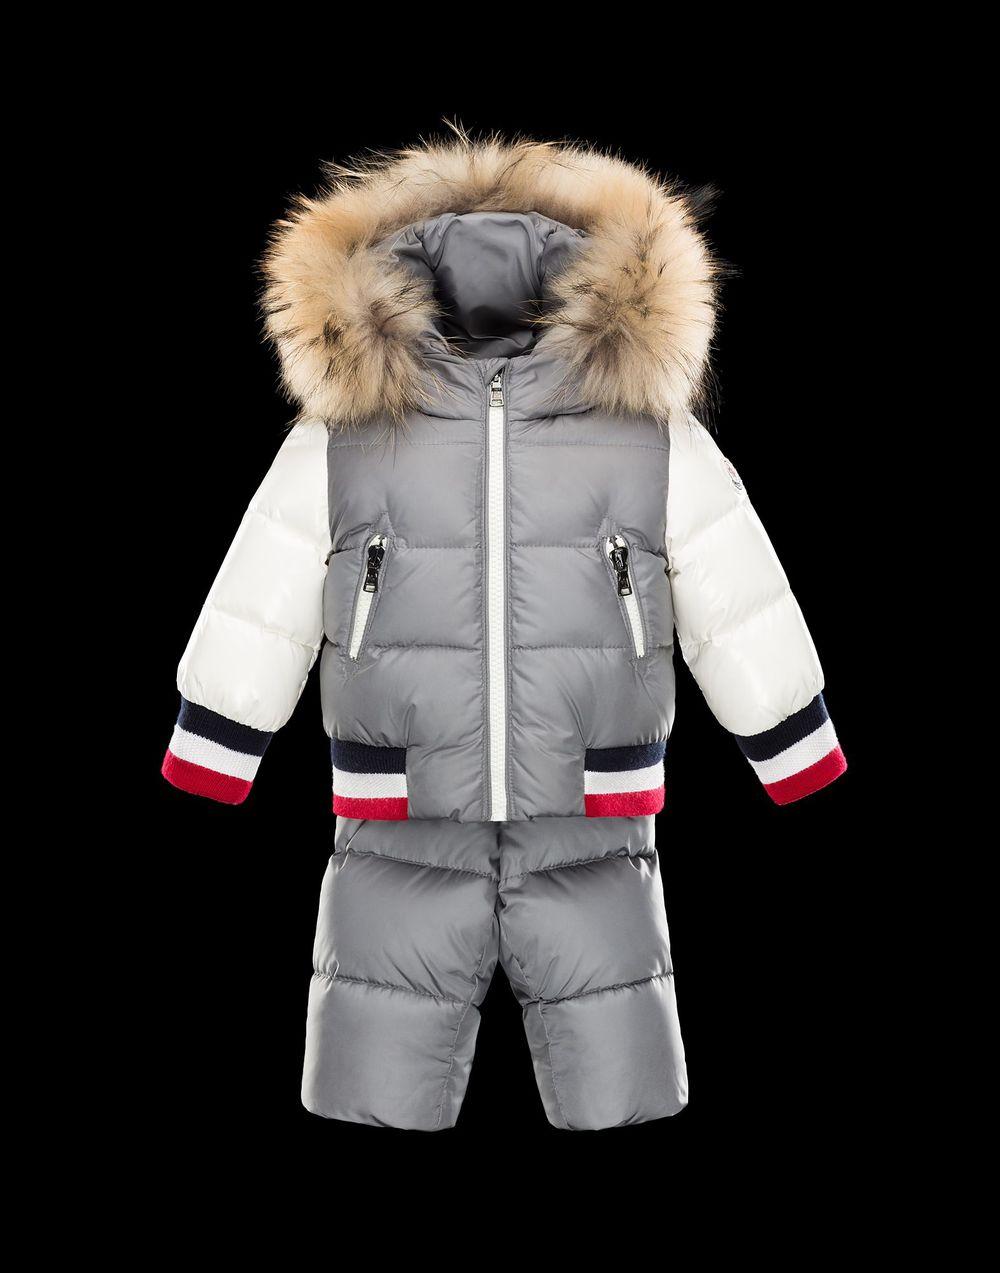 a89c0af48 authentic 0777e 5141e discount moncler baby pants and jacket suit ...